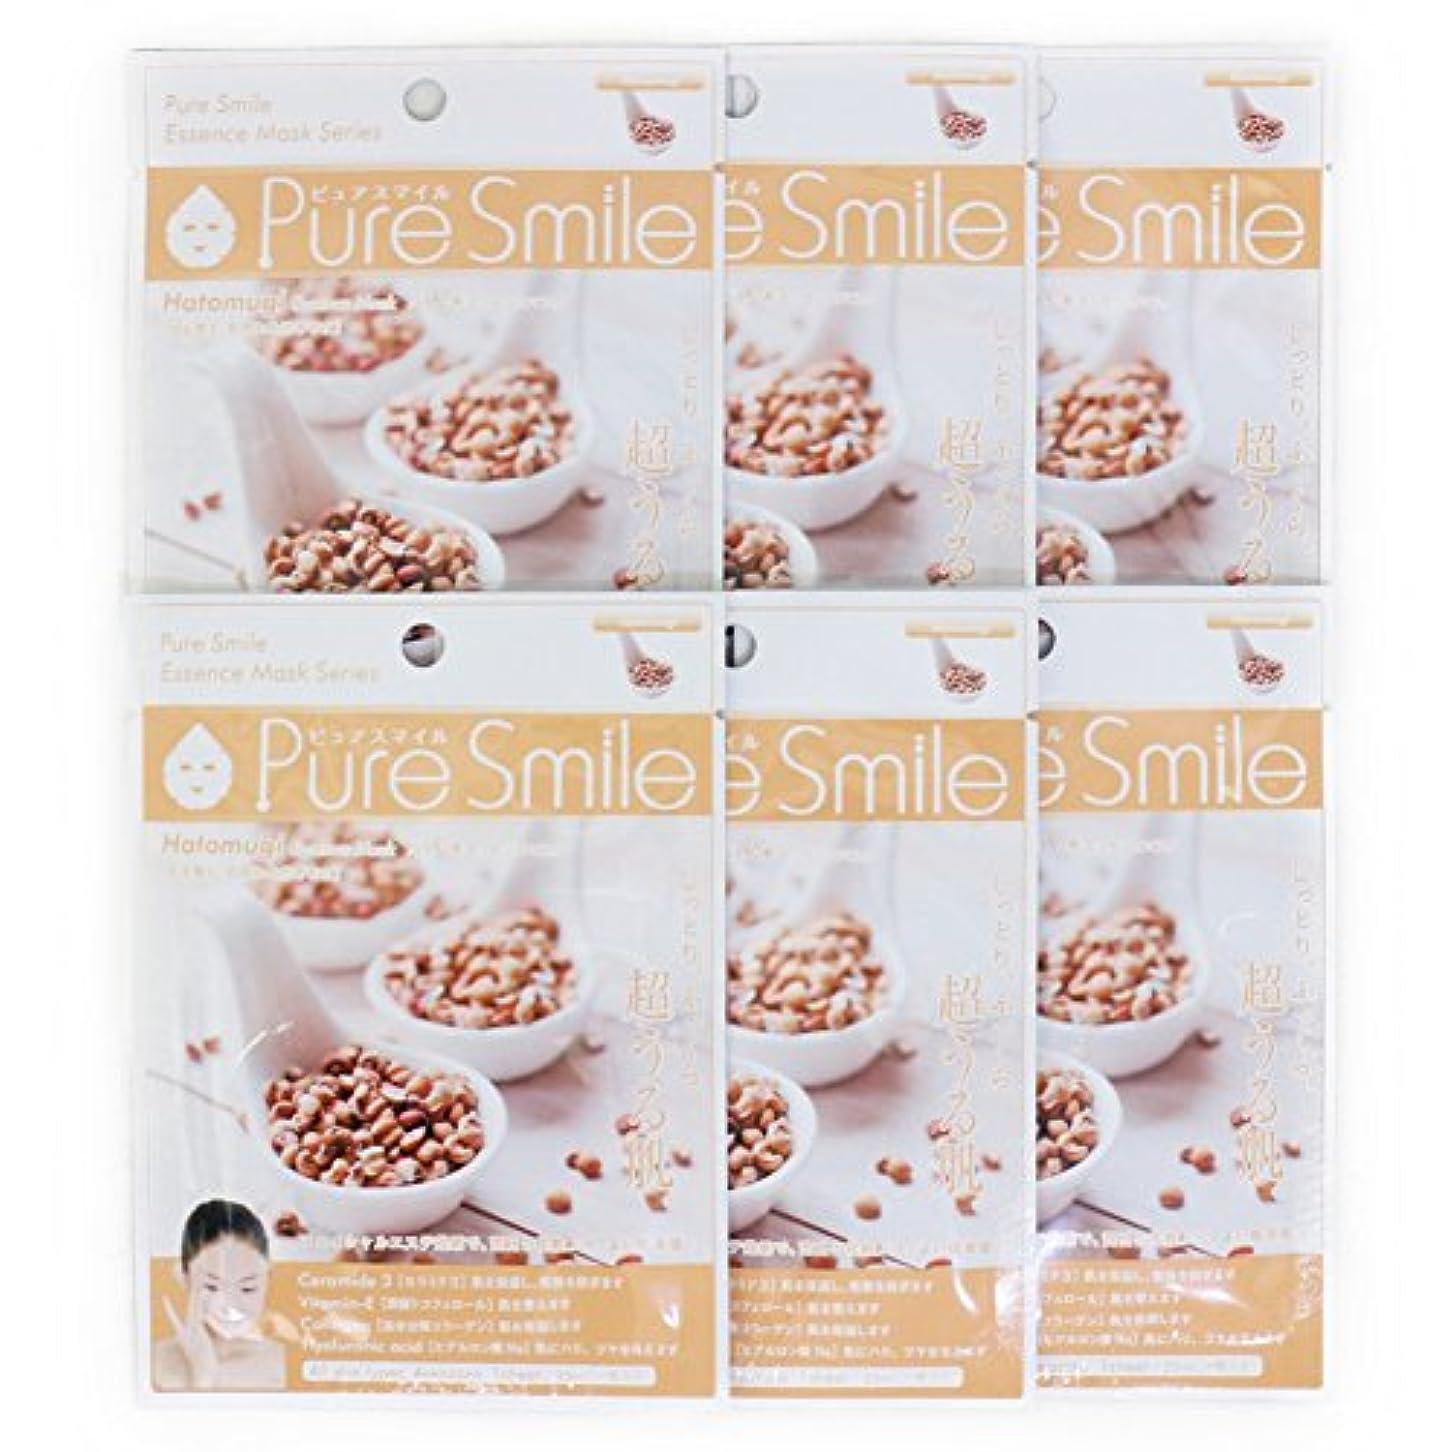 サラミ照らす給料Pure Smile ピュアスマイル エッセンスマスク ハトムギ 6枚セット